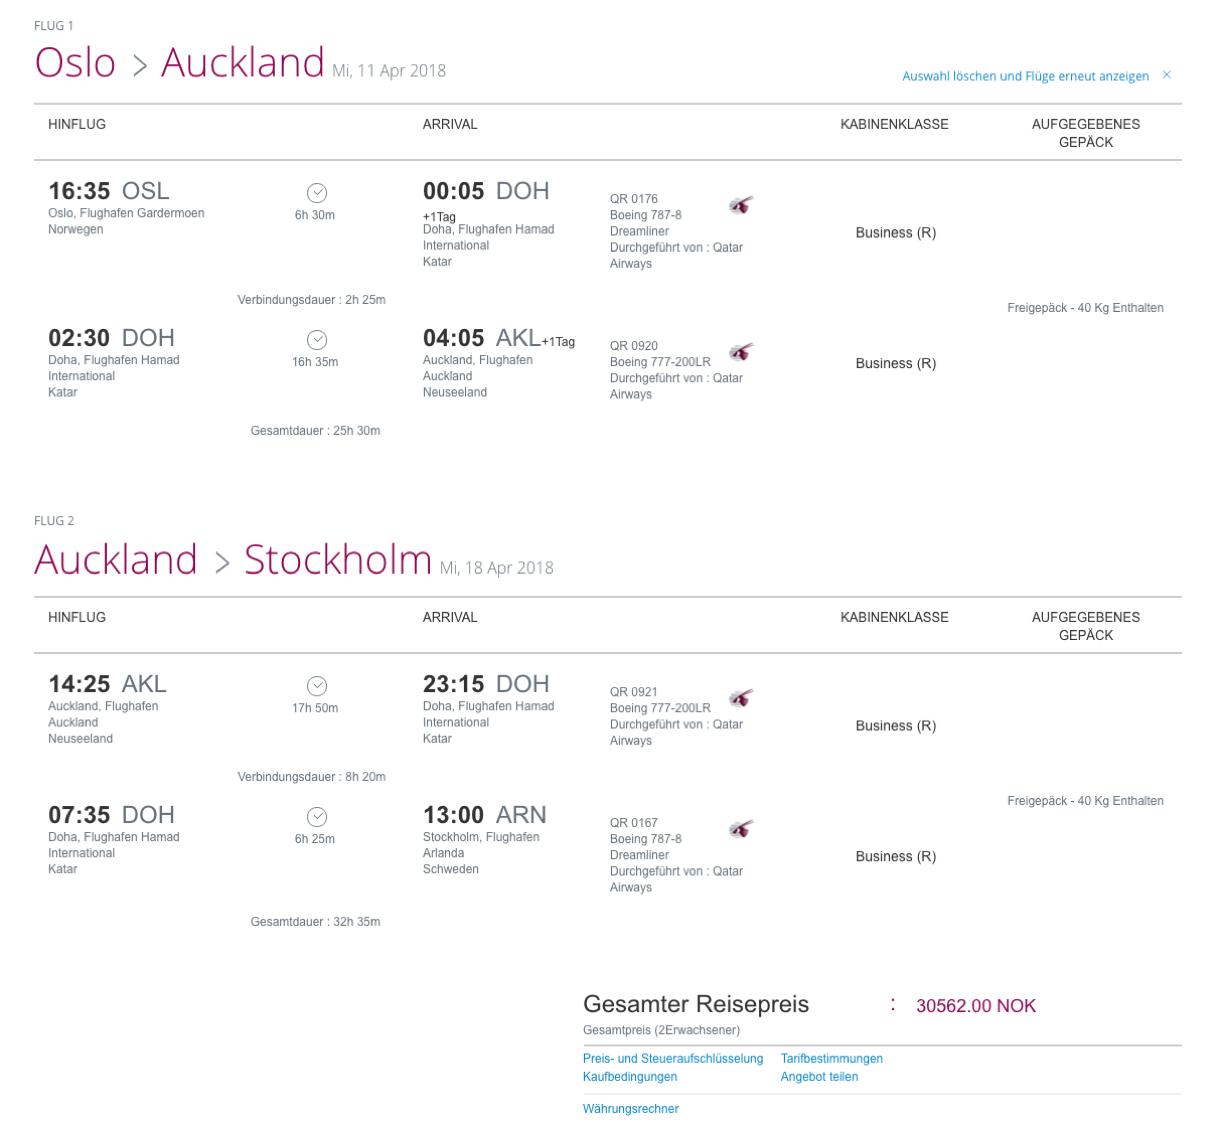 Günstig Business Class nach Neuseeland flegen